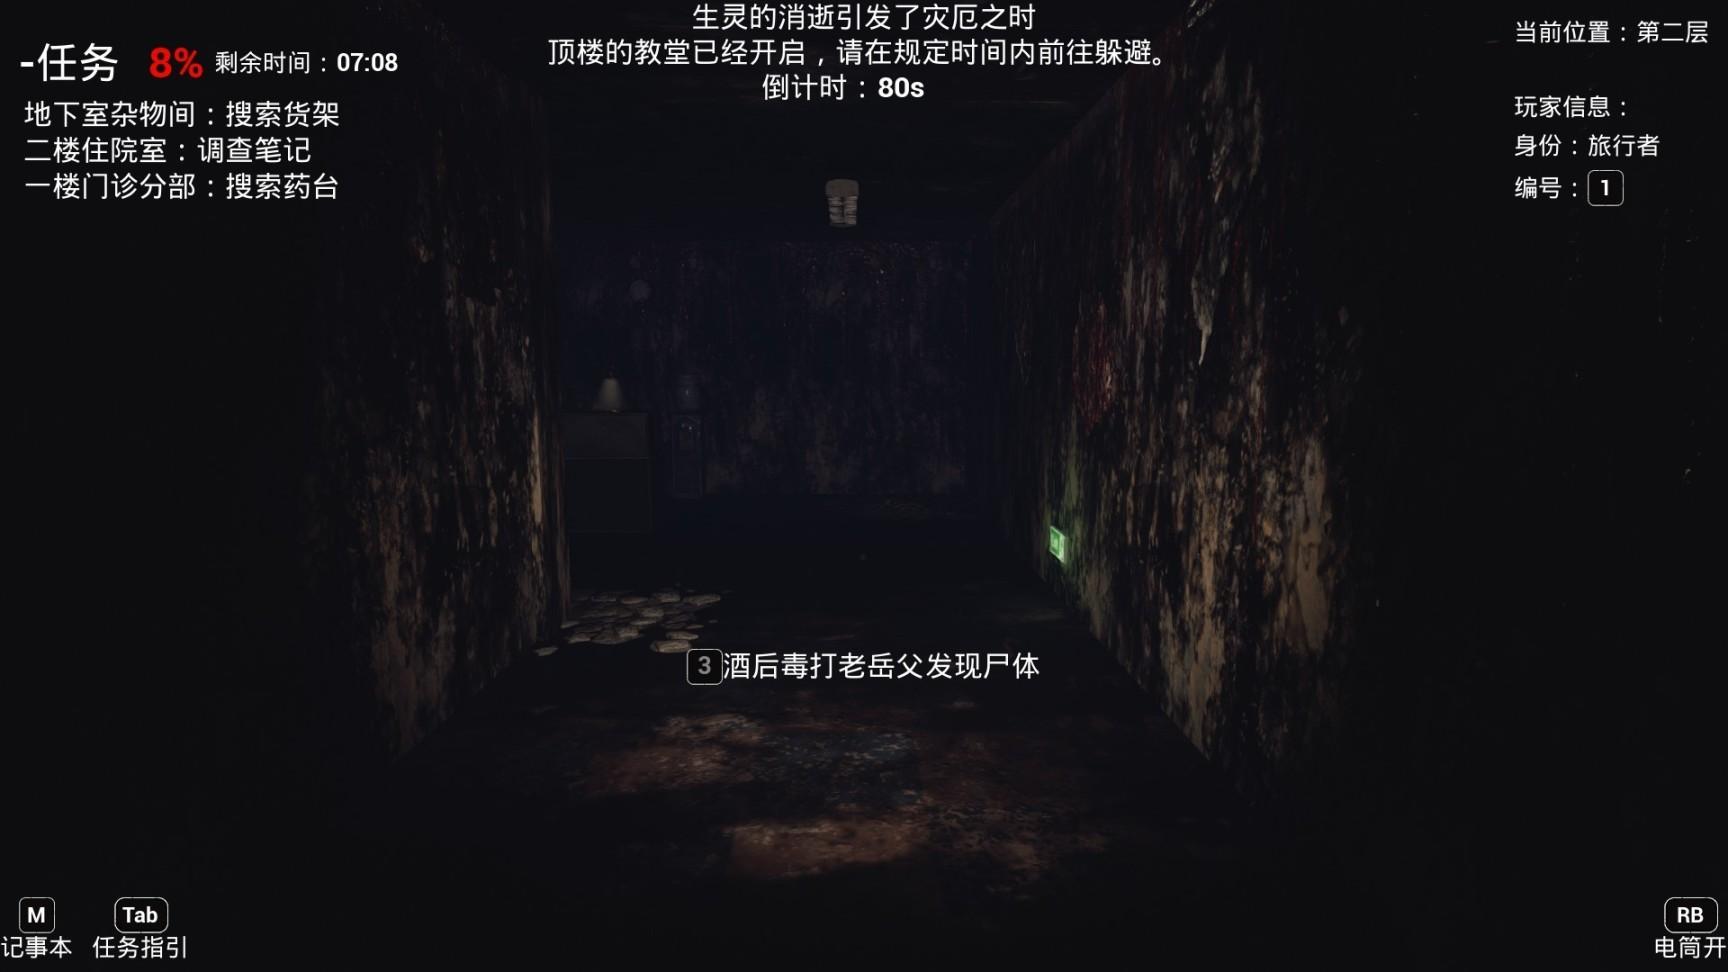 《steam恐怖游戏联机推荐》:与朋友一起探索未知的黑暗吧!插图5